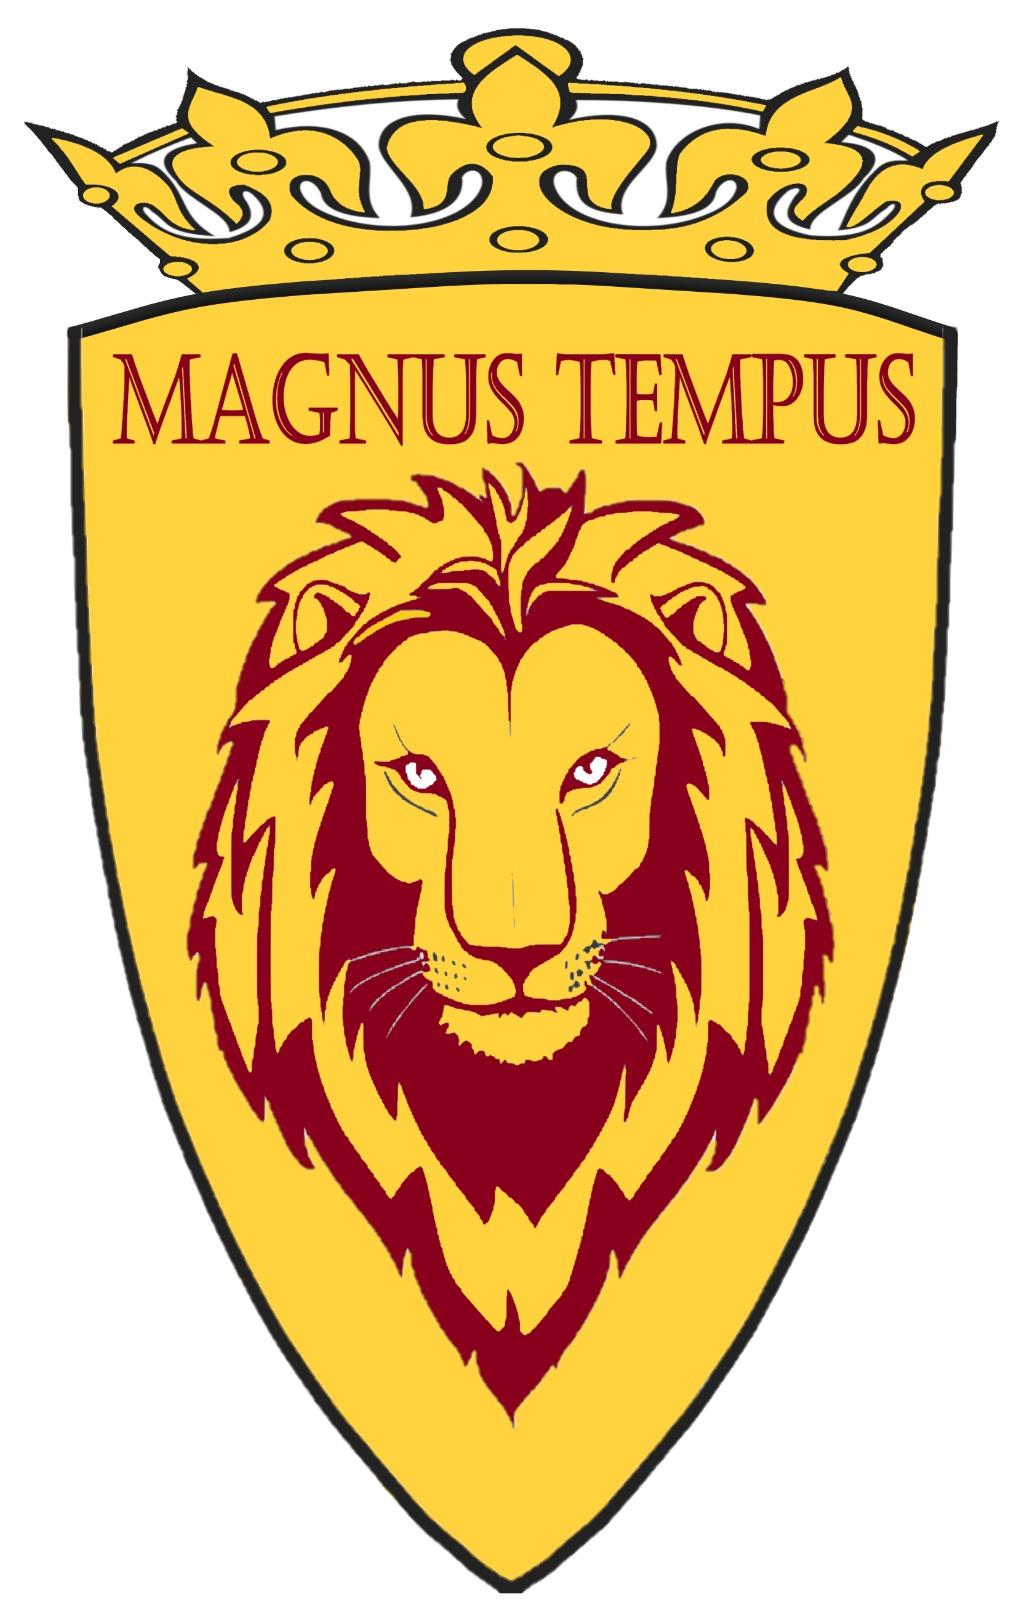 Magnus Tempus